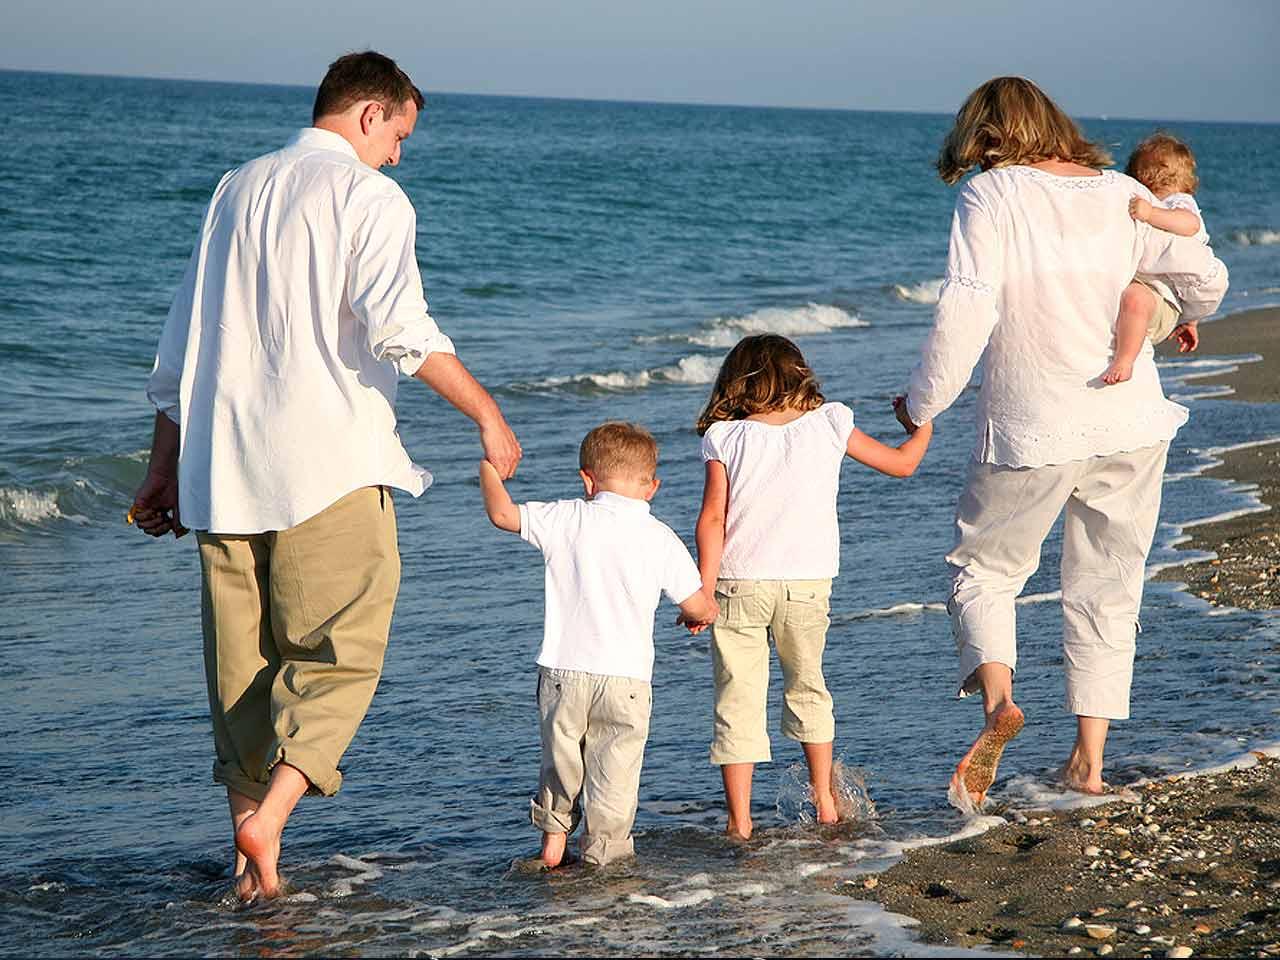 晩婚化と不妊治療